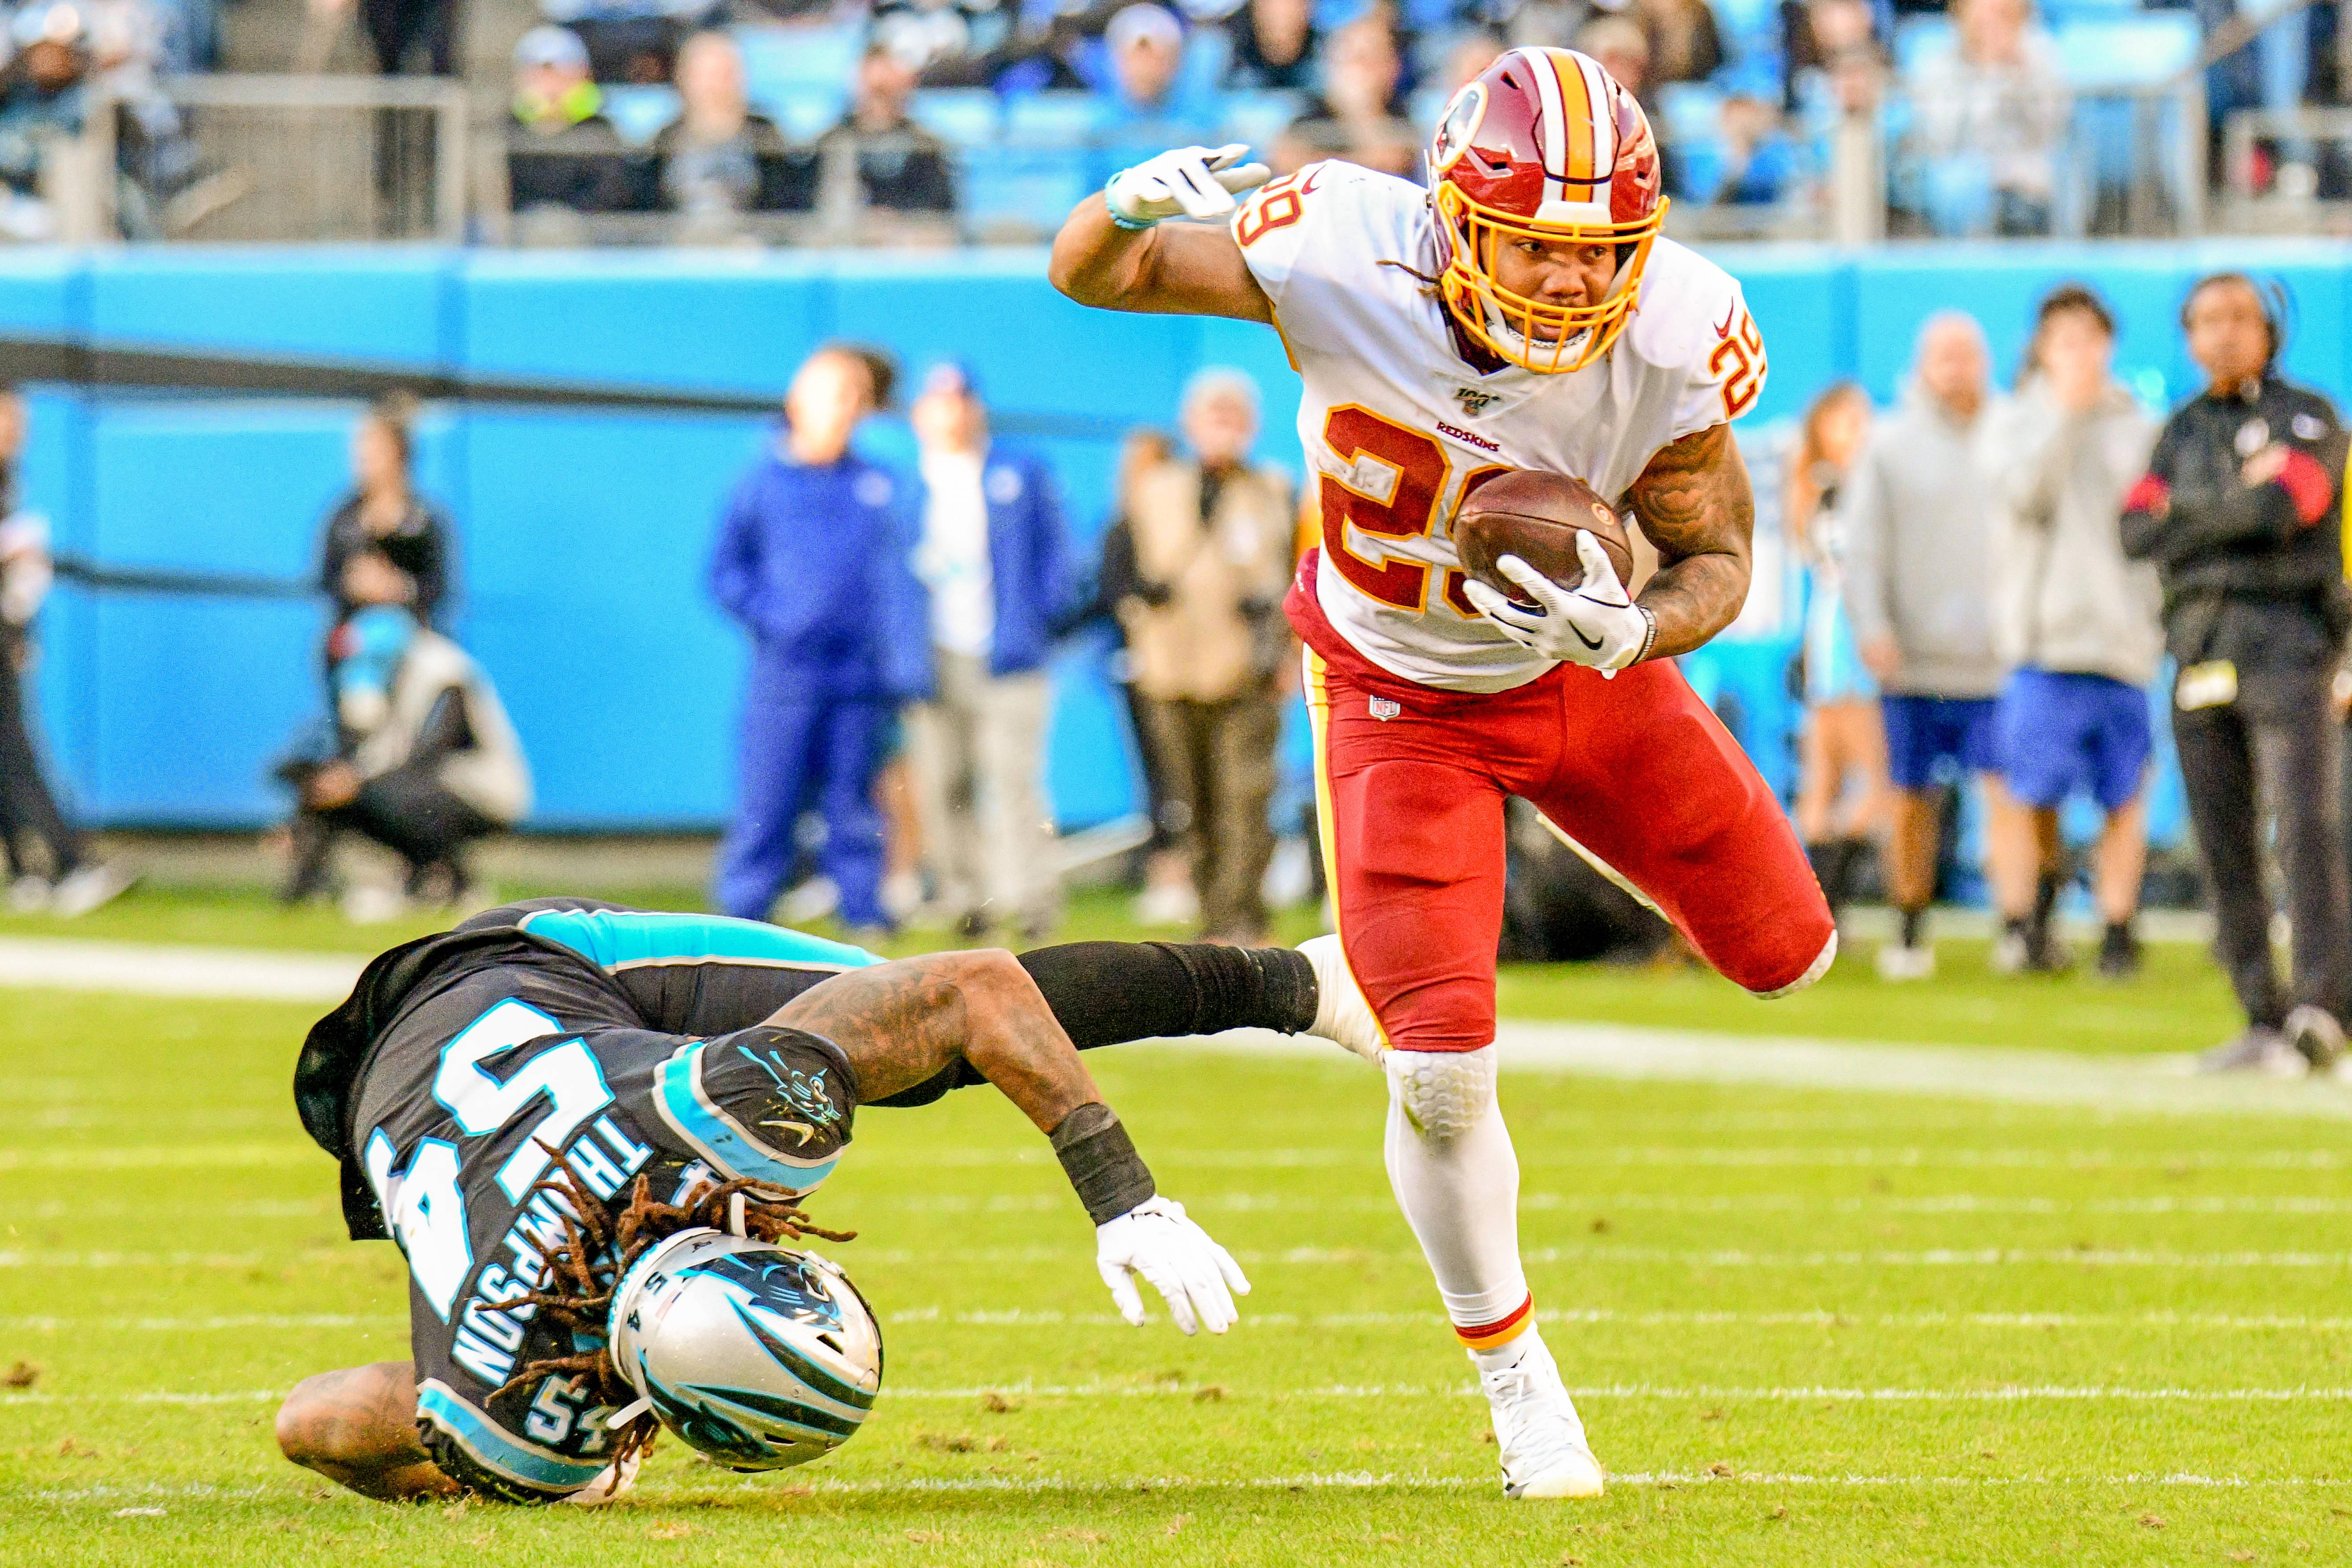 NFL: DEC 01 Redskins at Panthers